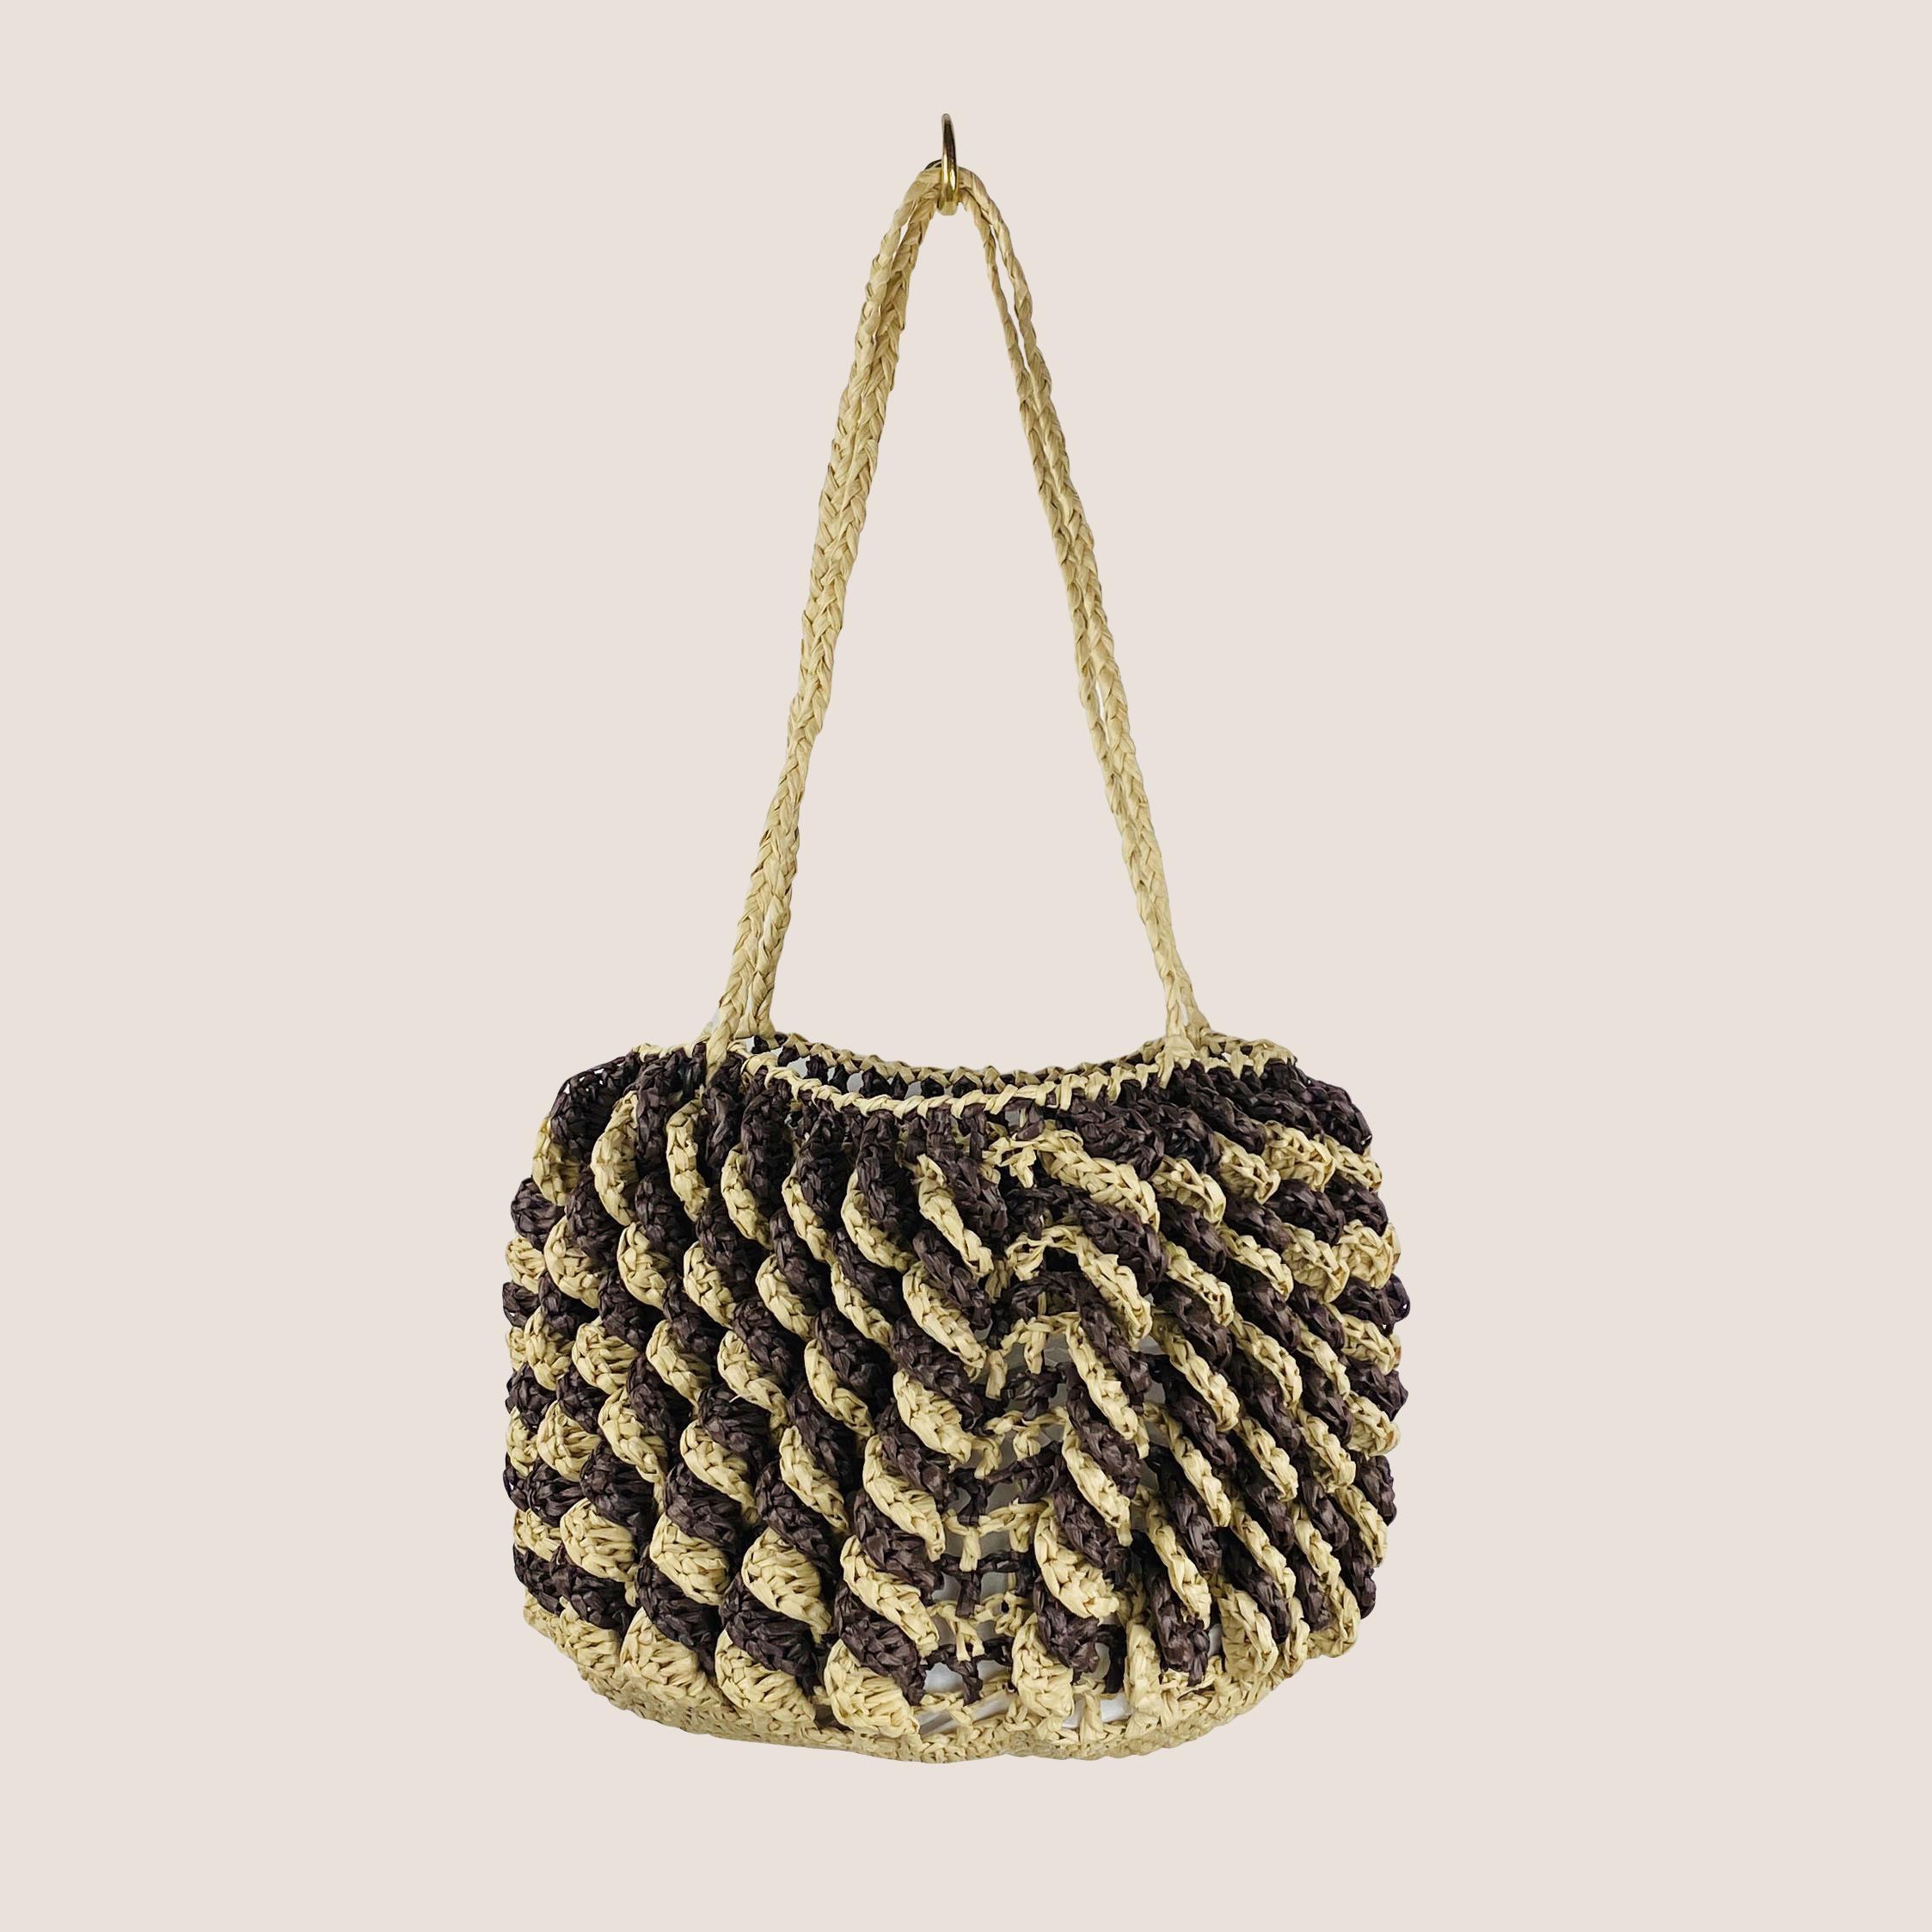 Gargano Bag